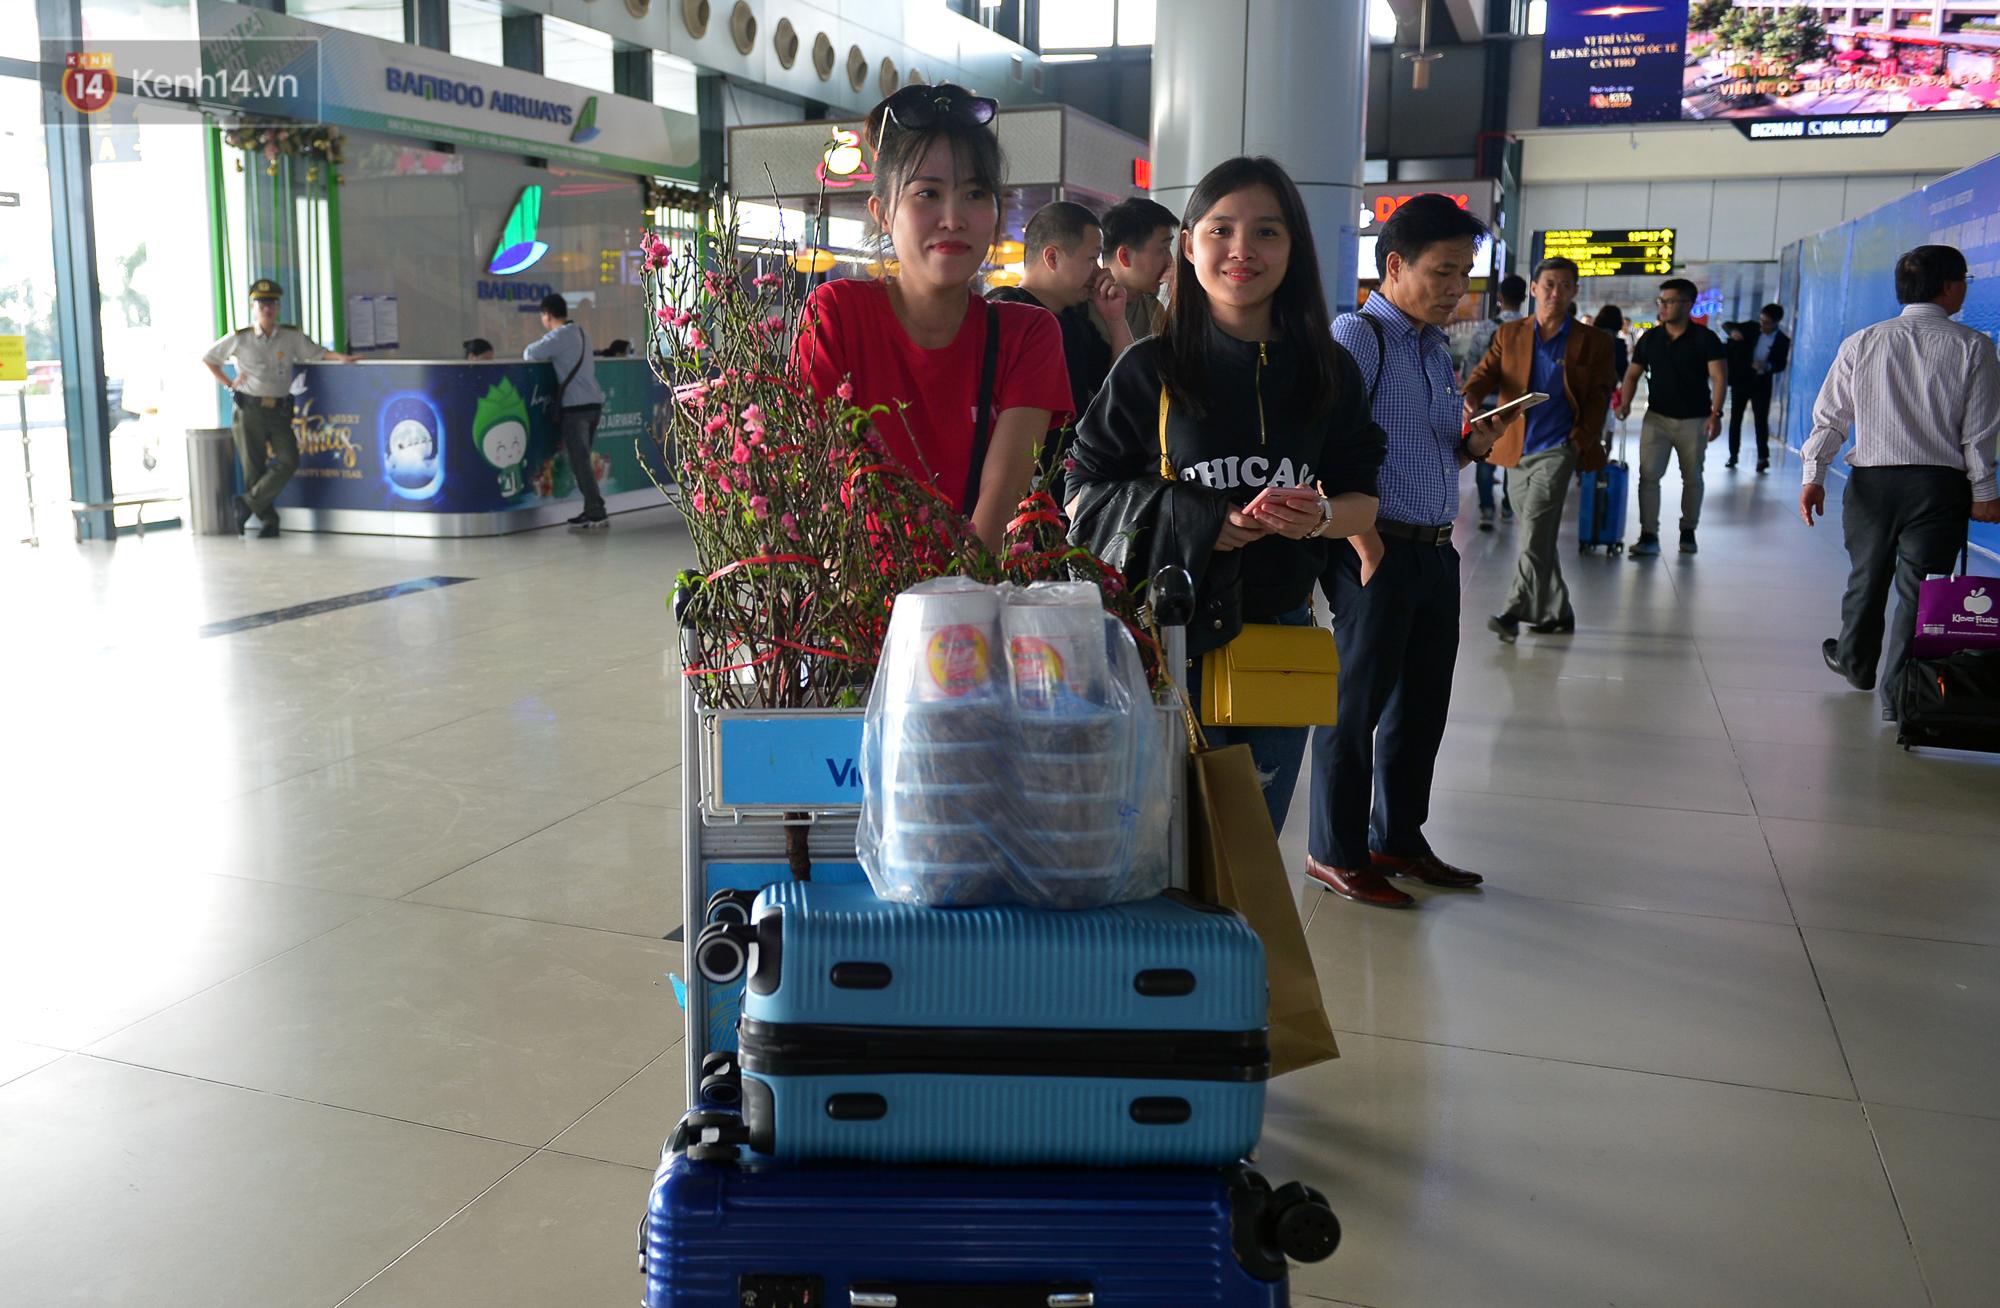 Ảnh: Sân bay Nội Bài vắng vẻ cận Tết Nguyên Đán, khác hẳn cảnh tượng đông đúc mọi năm - Ảnh 2.